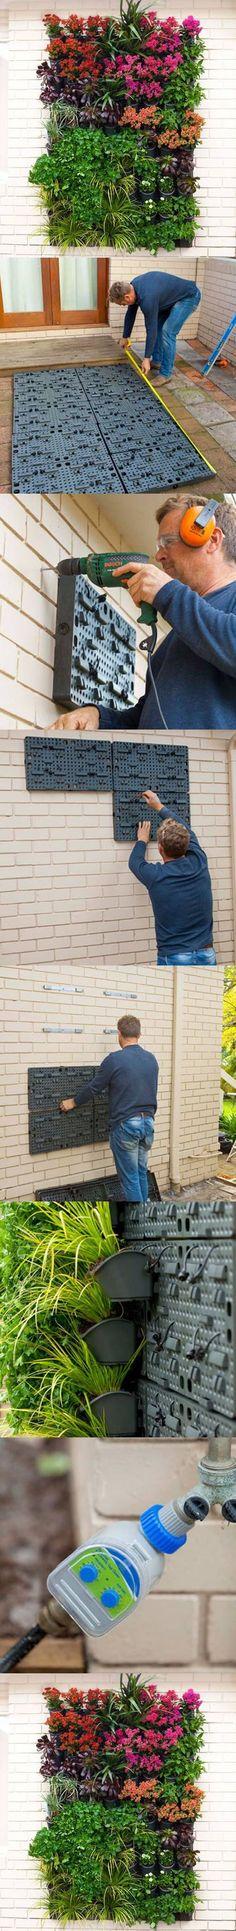 DIY How to Make Vertical Garden DIY How to Make Vertical Garden